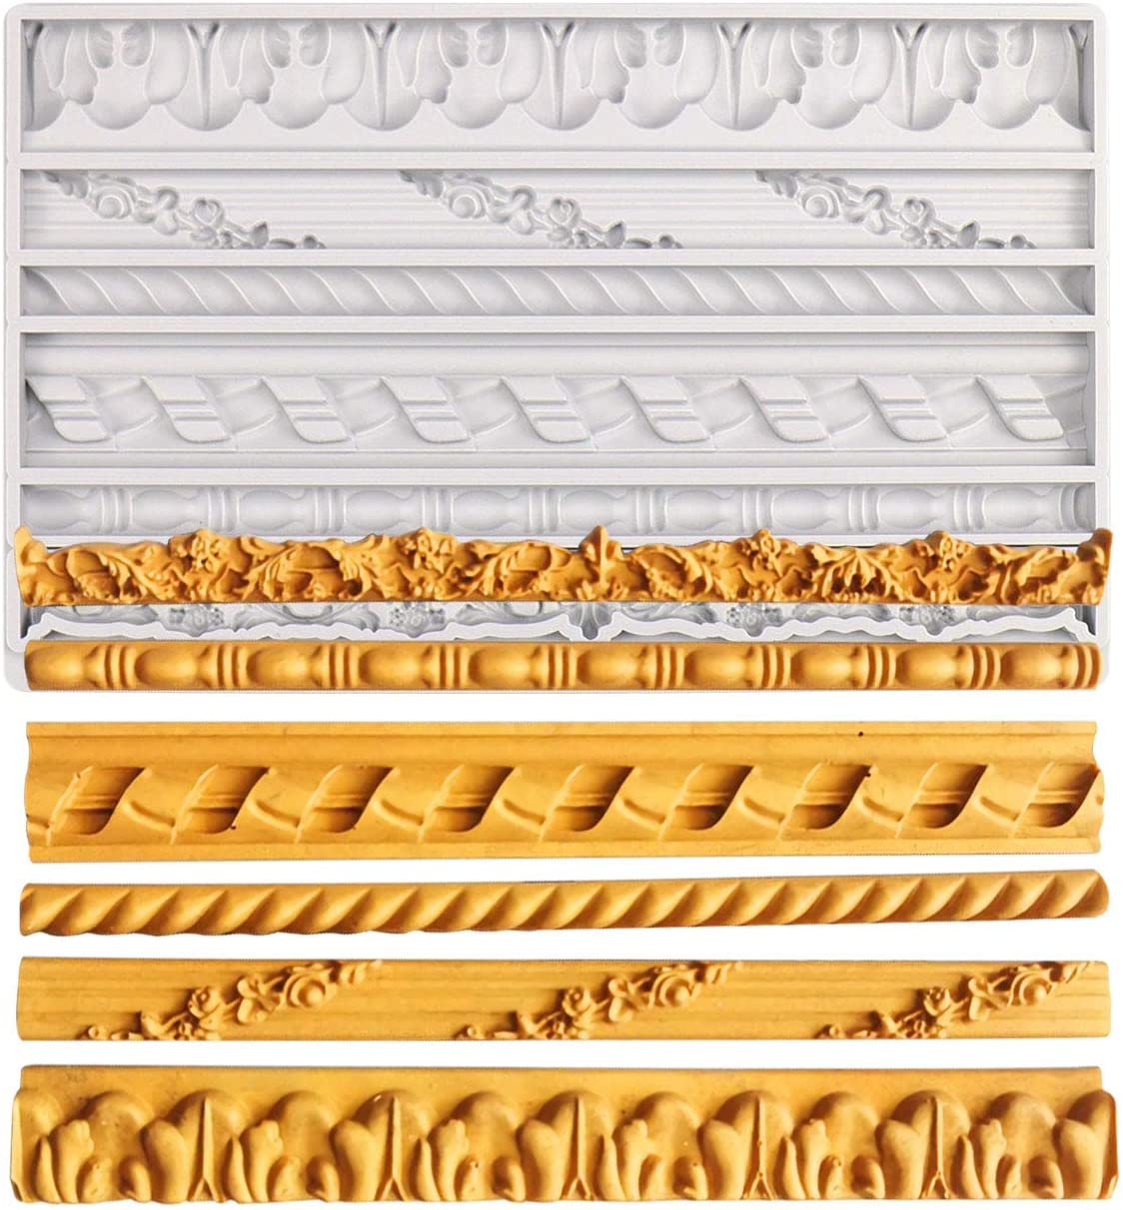 Cake Manufacturer regenerated product Border Fondant Mold online shop Vintage for D Silicone Frame